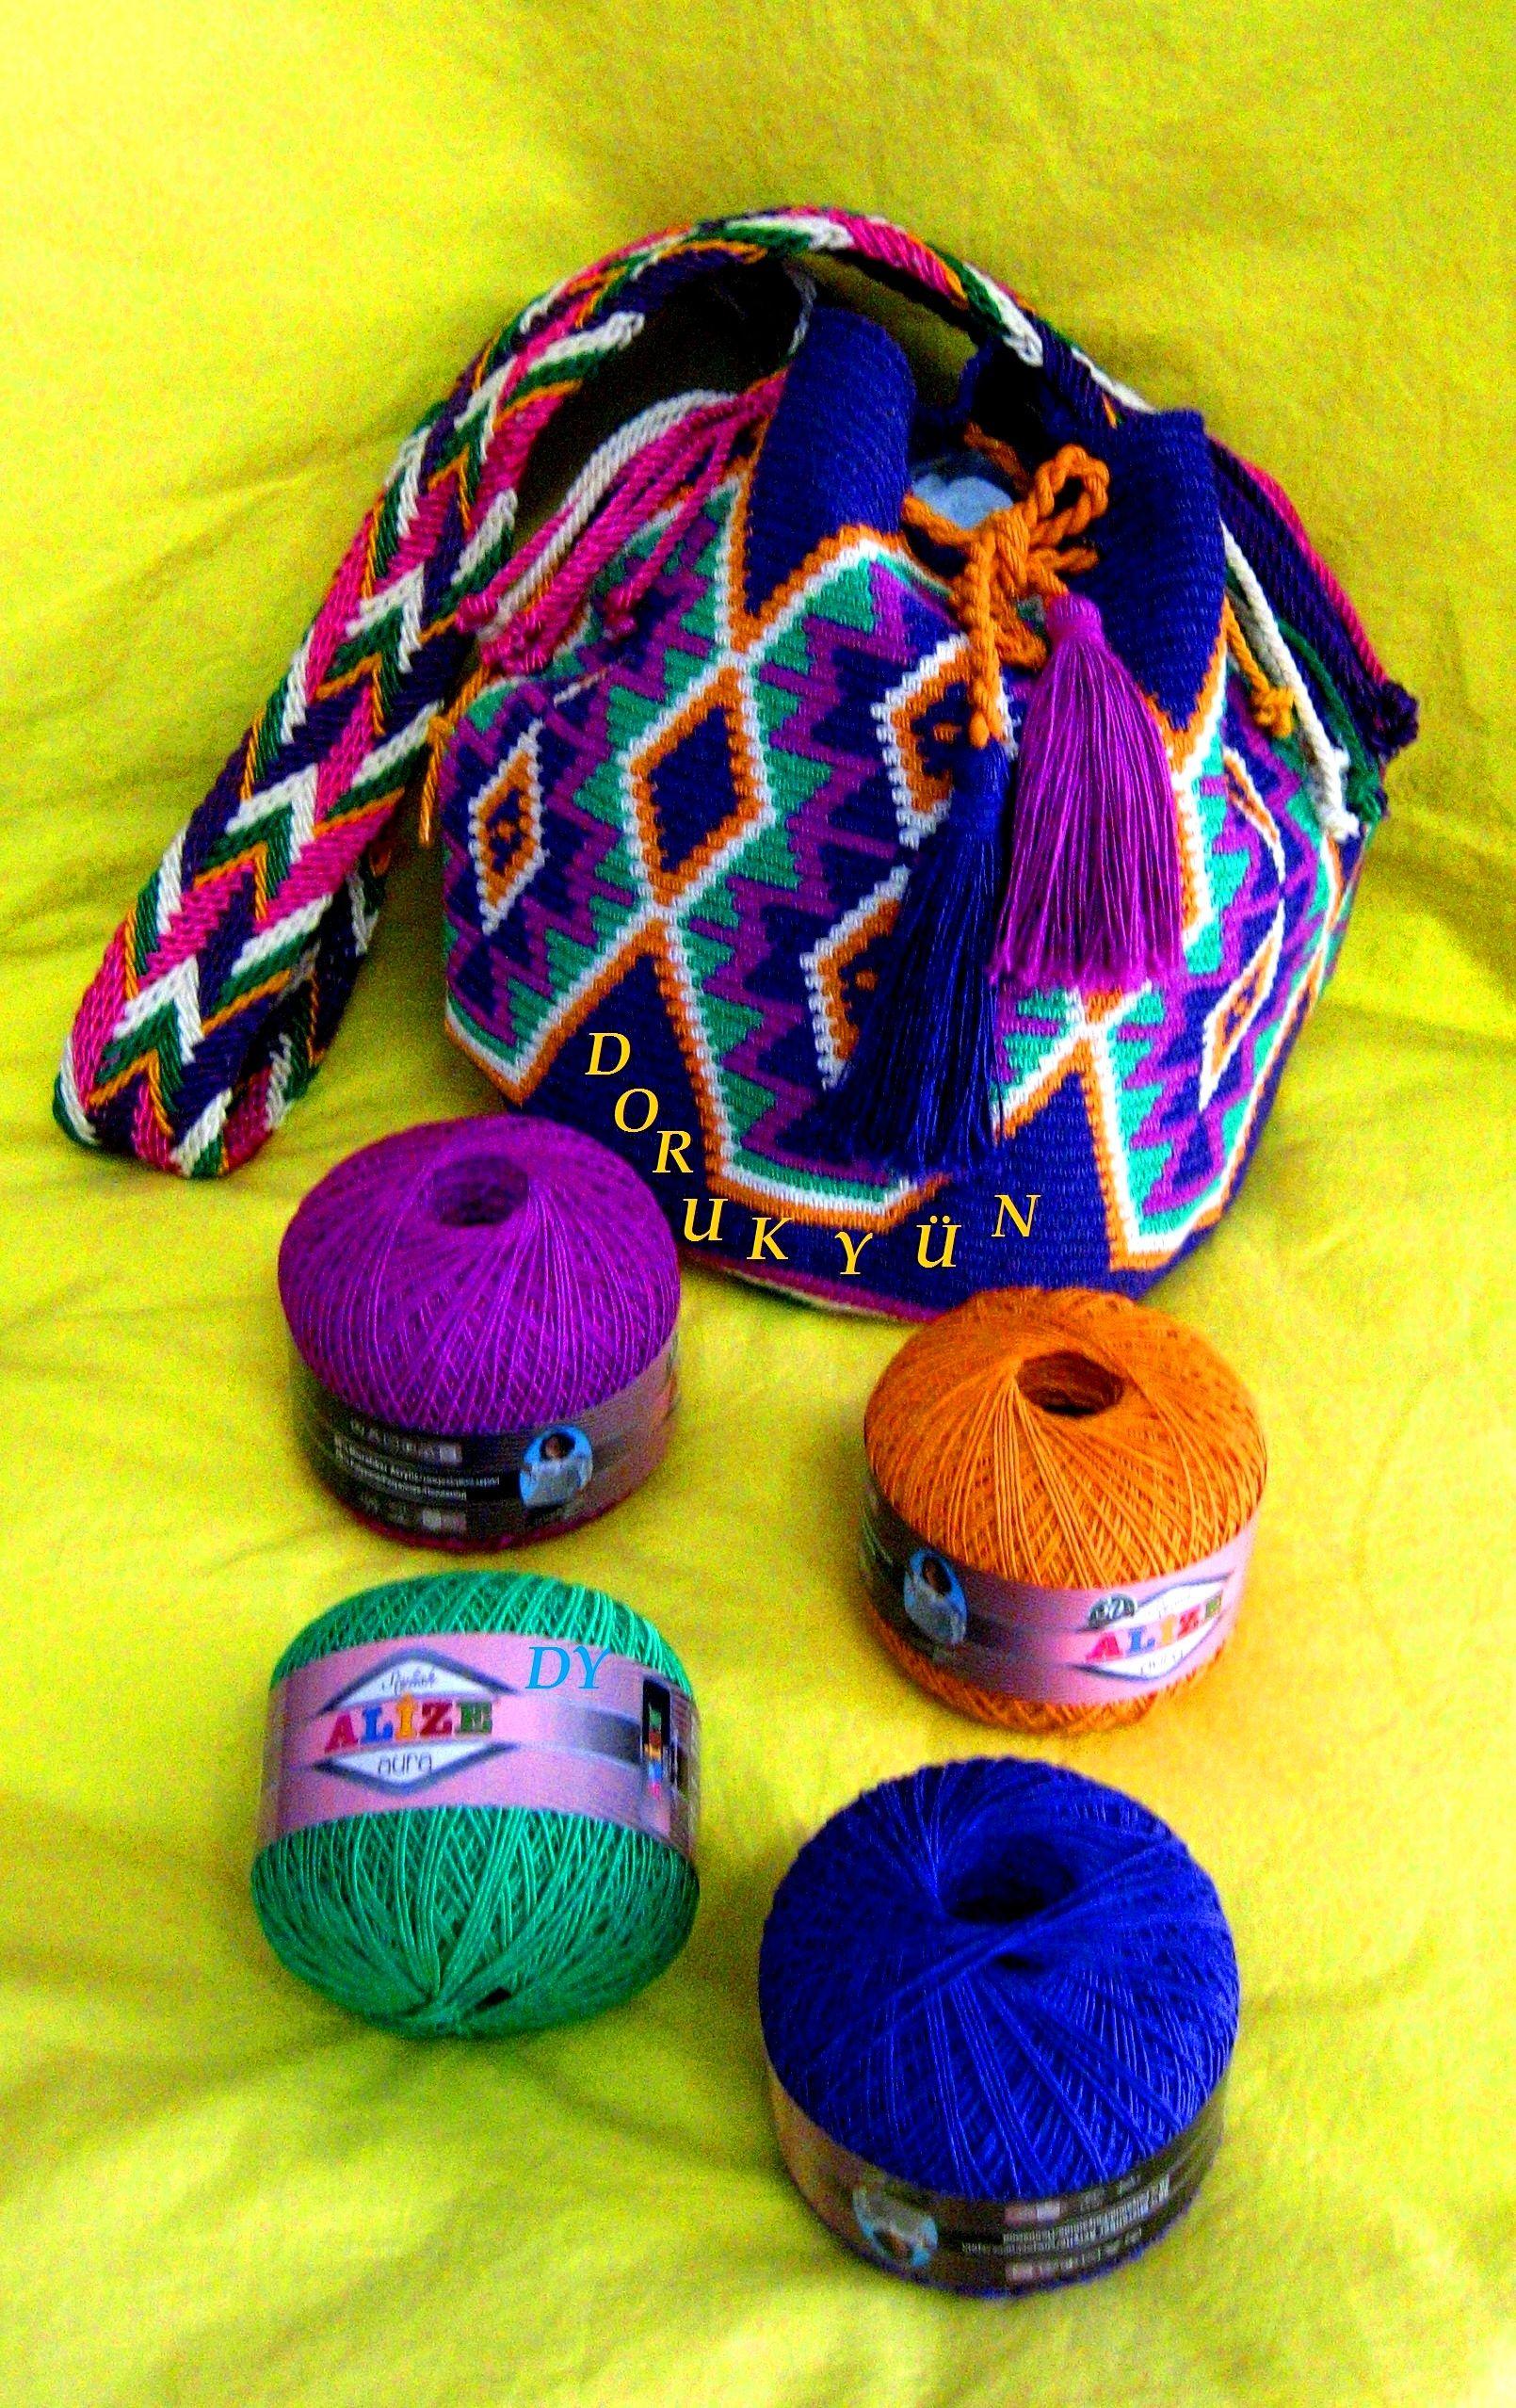 Pin von medea auf bags and baskets | Pinterest | Gehäkelte taschen ...